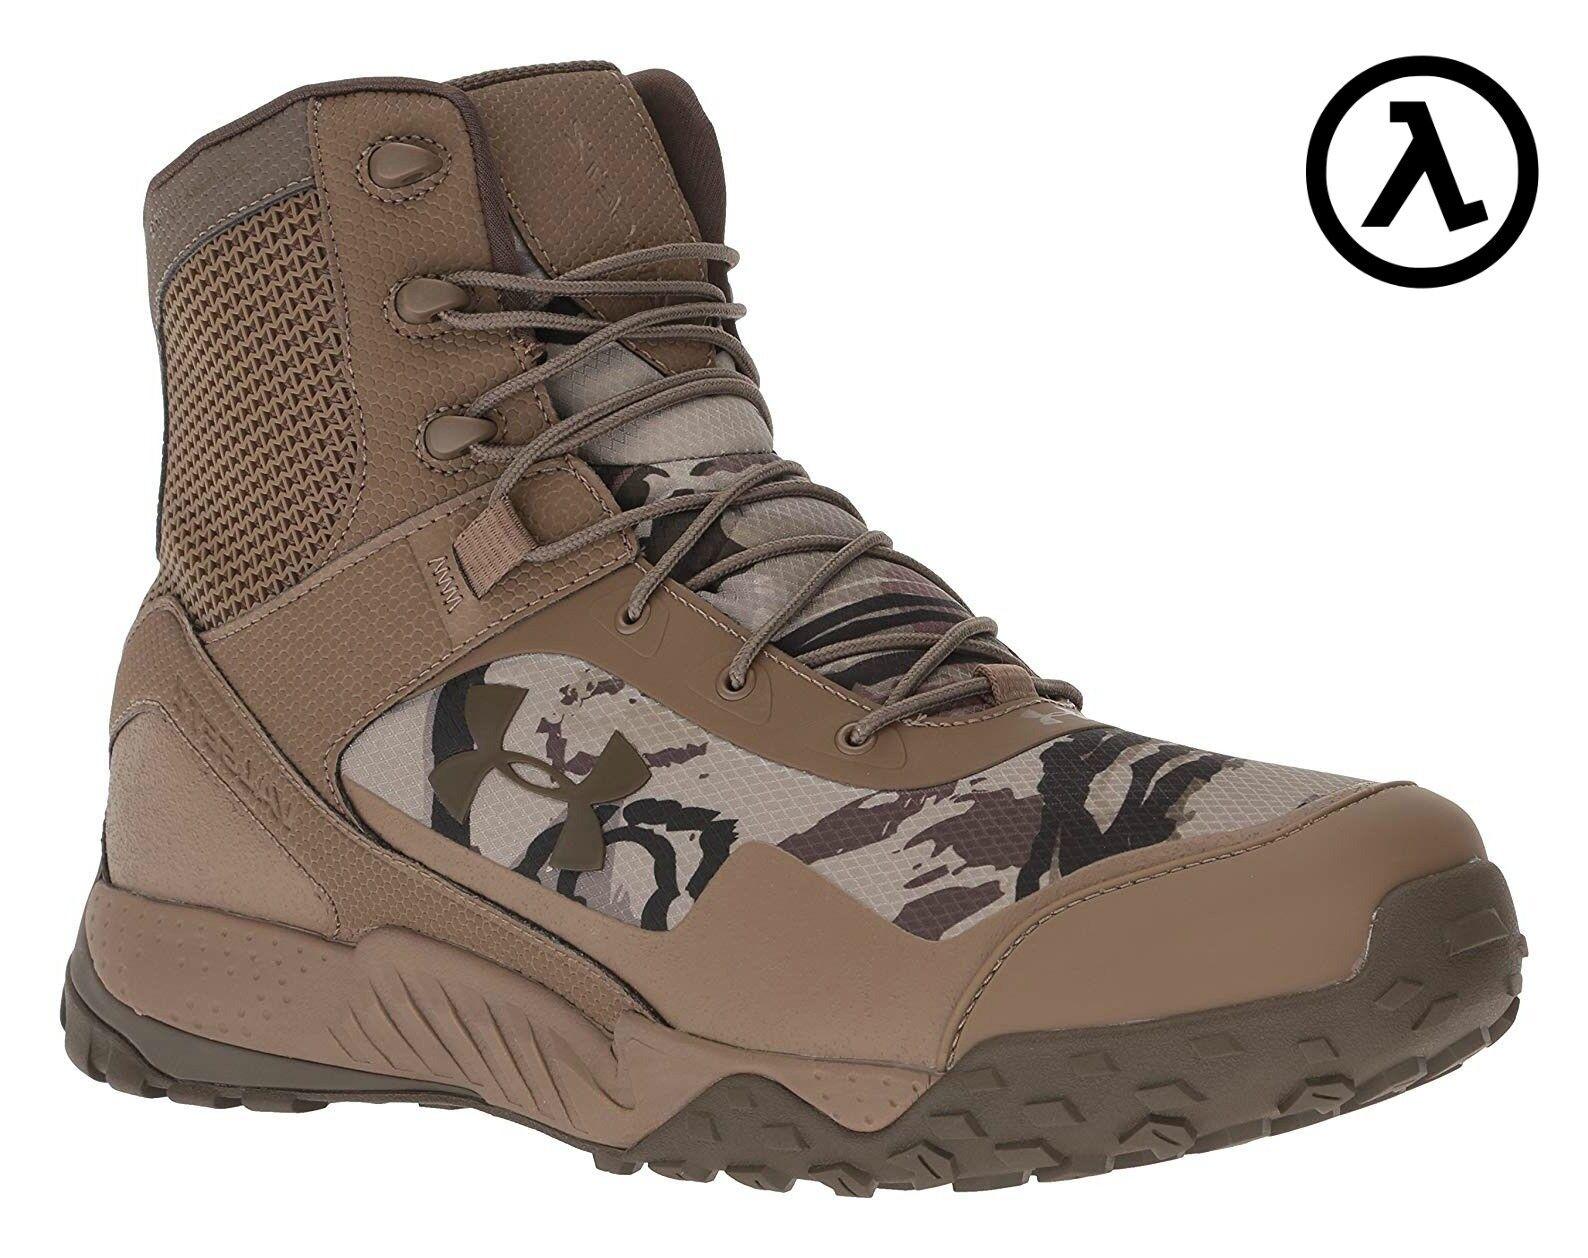 nuovo stile UNDER ARMOUR uomo UA VALSETZ RTS 1.5 stivali stivali stivali 3021034   900 CAMO - ALL DimensioneS  presentando tutte le ultime tendenze della moda